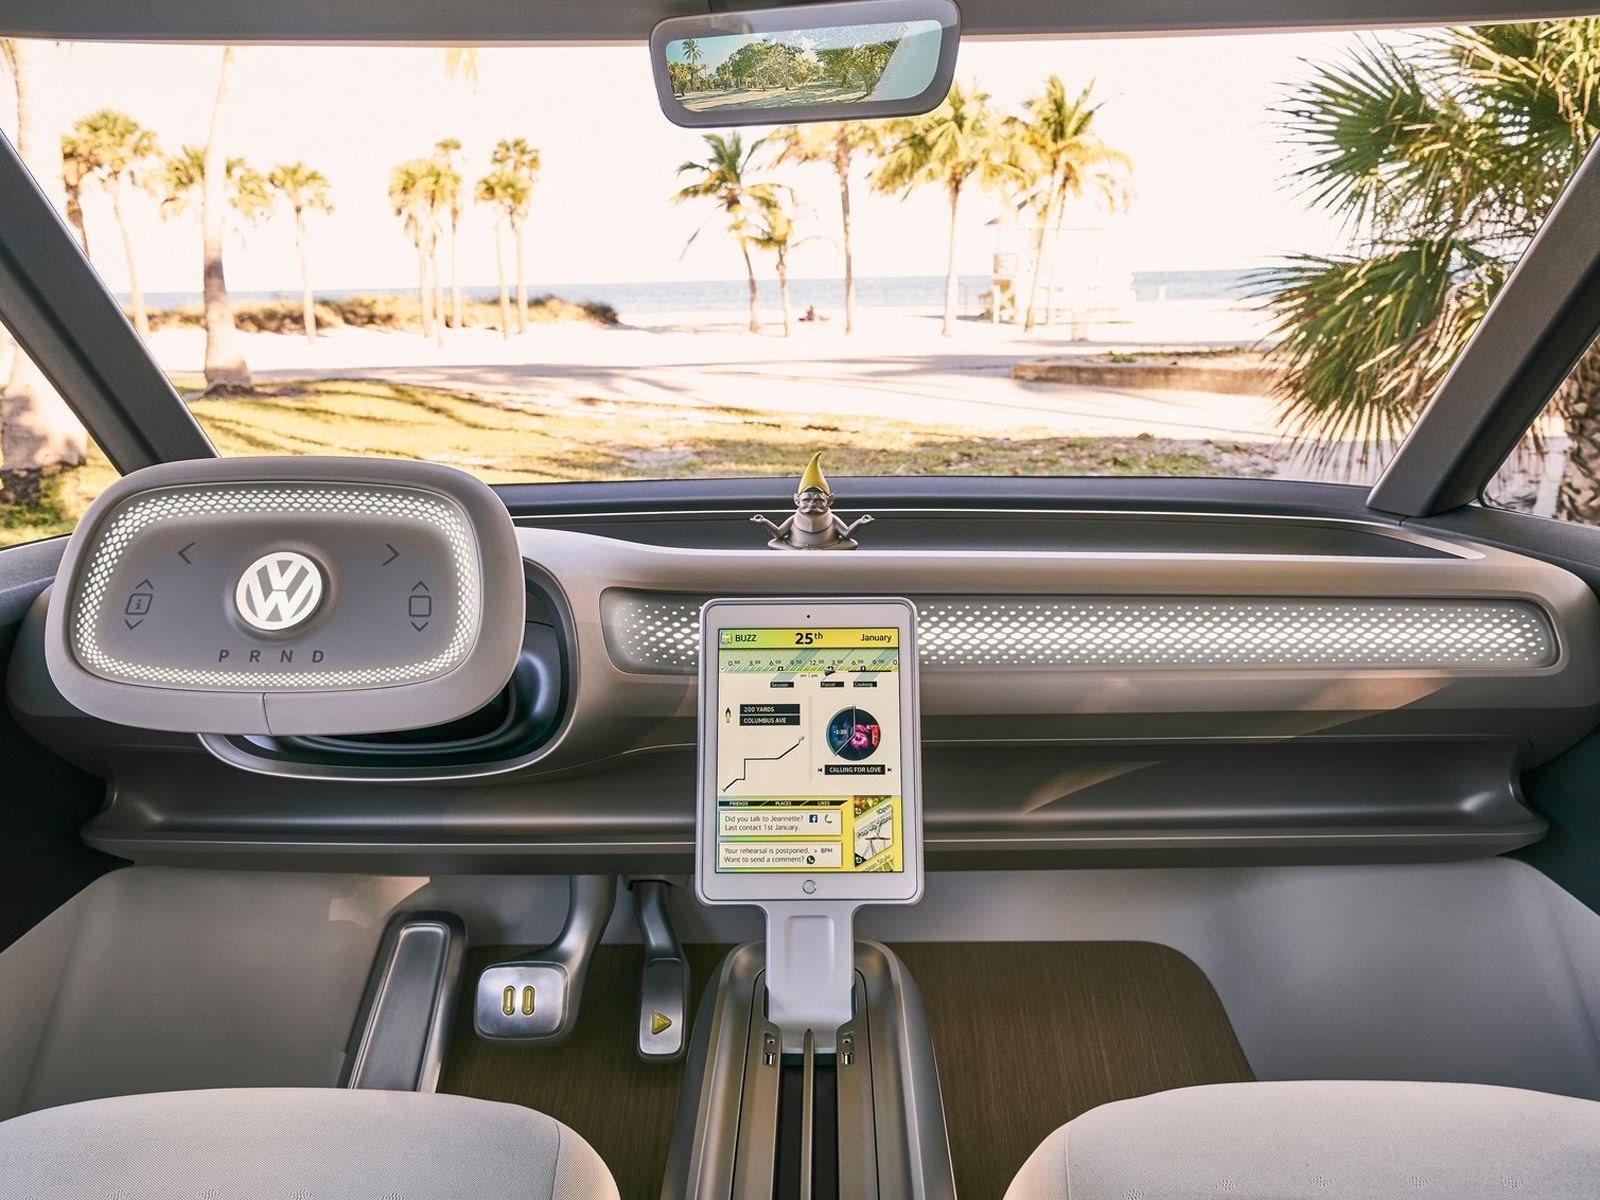 Теперь, когда у VW новый генеральный директор, Герберт Диэс, похоже, что 12-брендовый автопроизводитель вкладывает все усилия в предстоящую эпоху EV, хотя в настоящее время электро-кары составляют довольно небольшой процент доли рынка. В любом случае